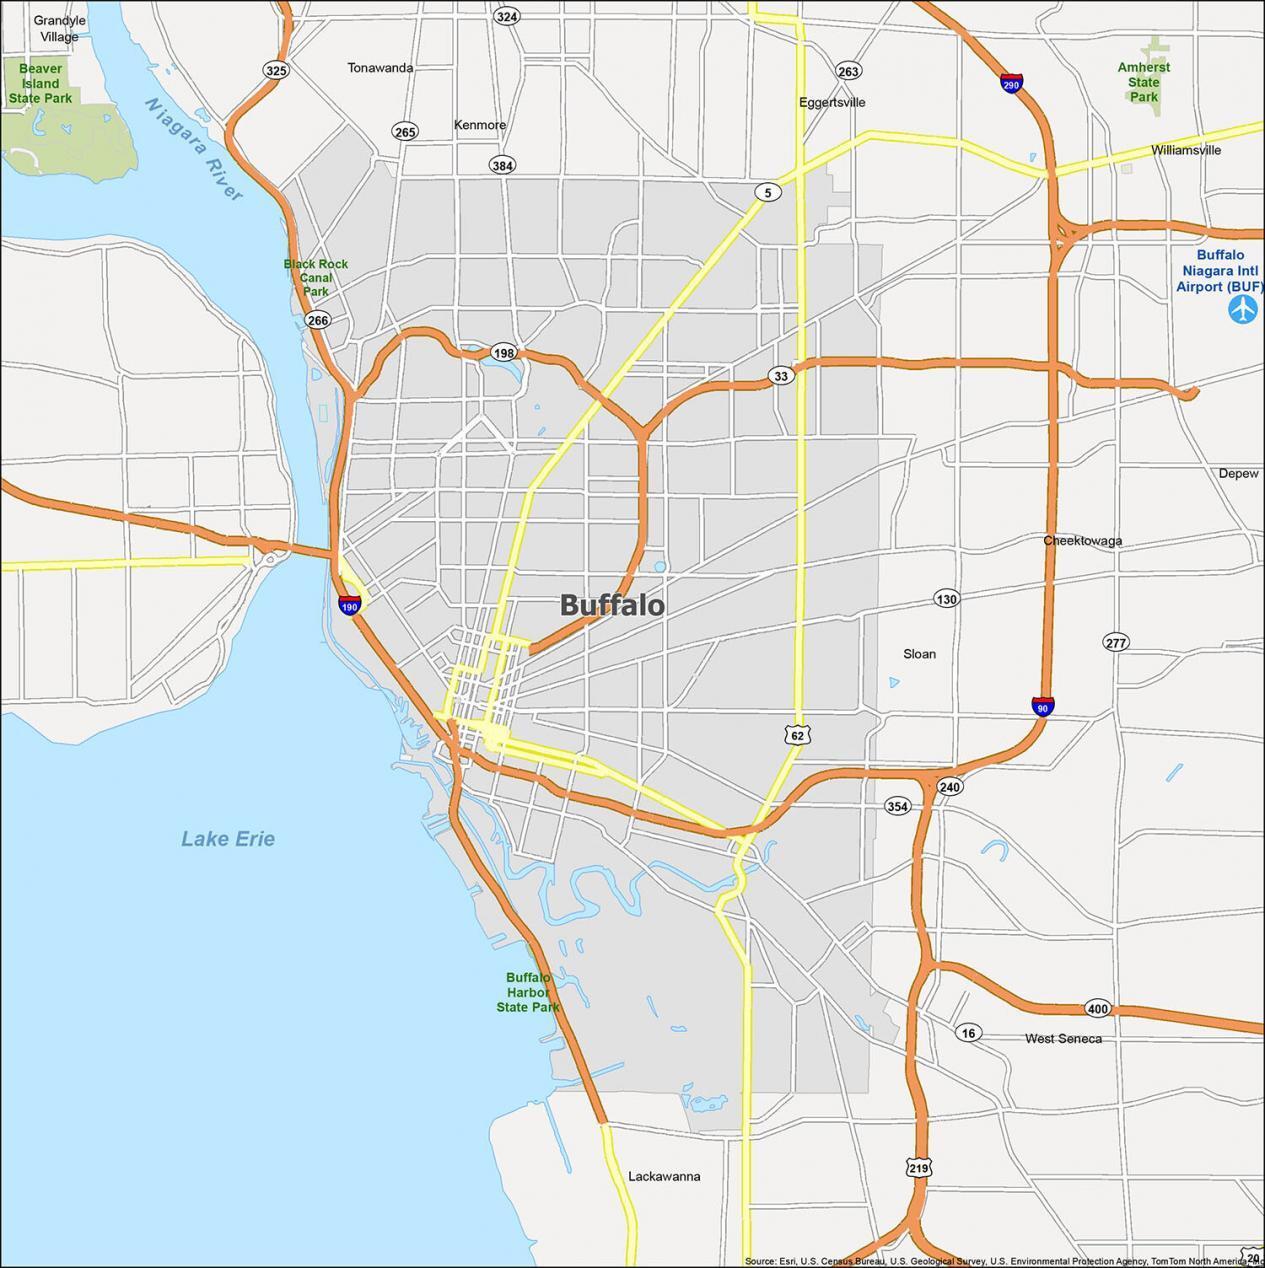 Buffalo Map New York